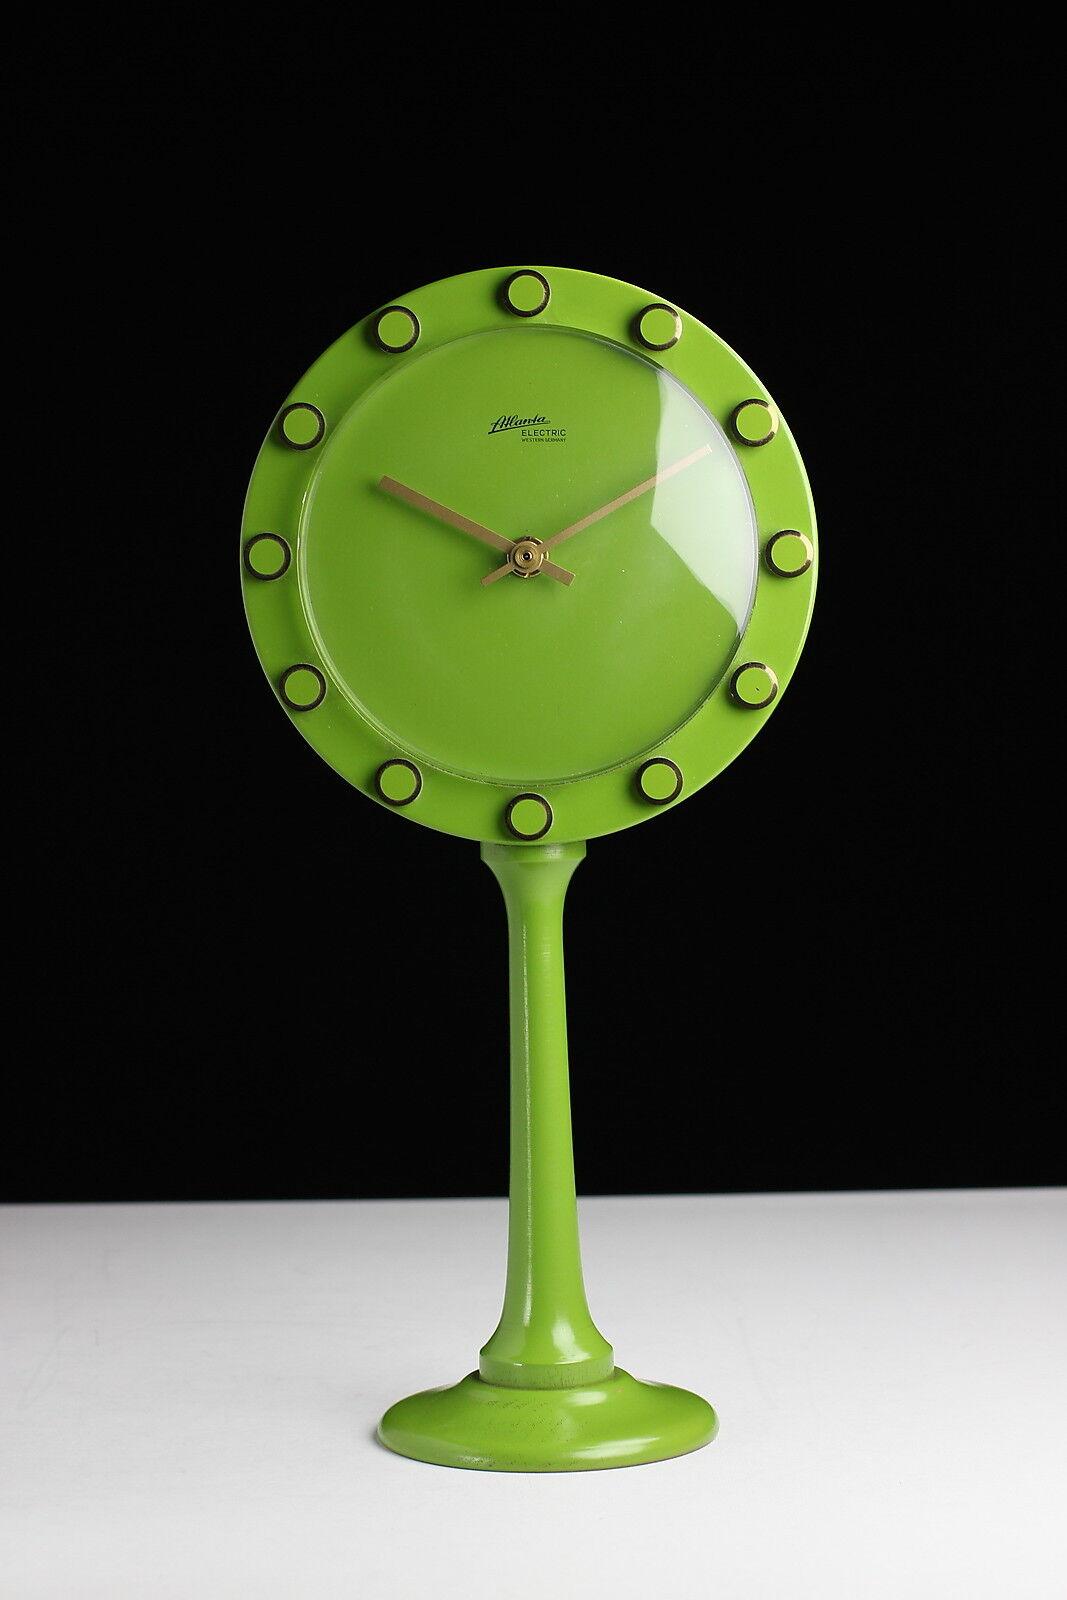 Atlanta Electric Tischuhr 70er Jahre Holz green Spiegel